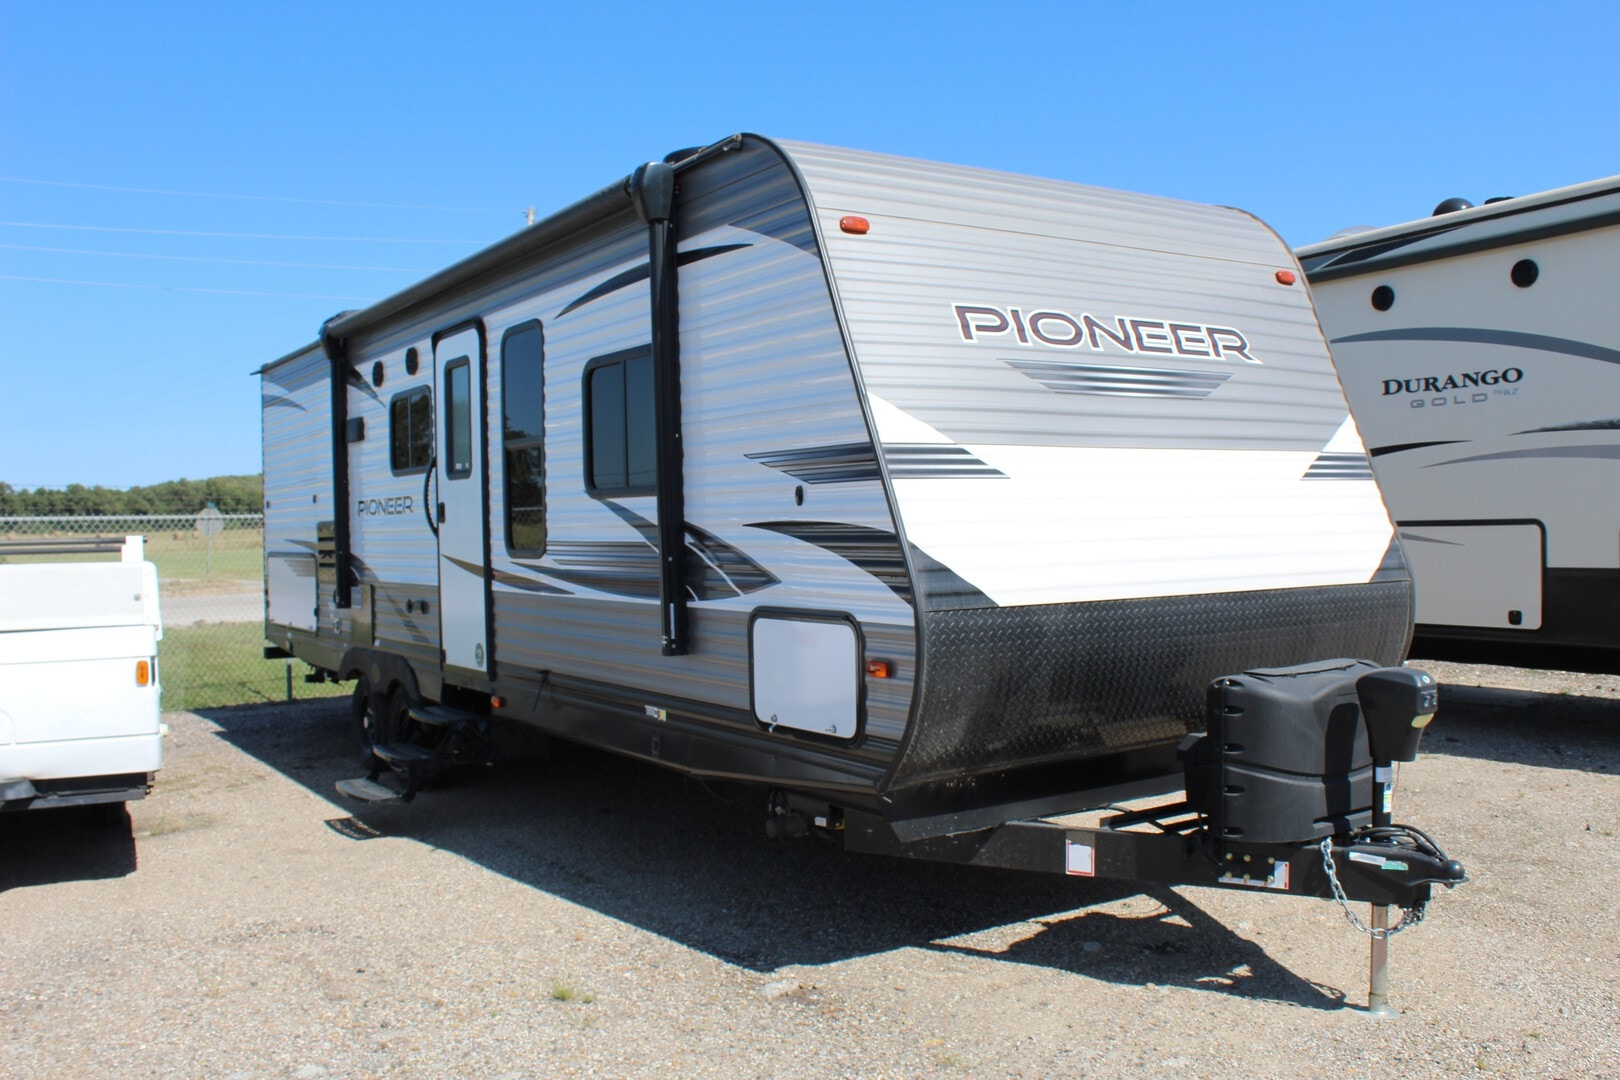 Used, 2019, Pioneer, 275RE, Travel Trailers